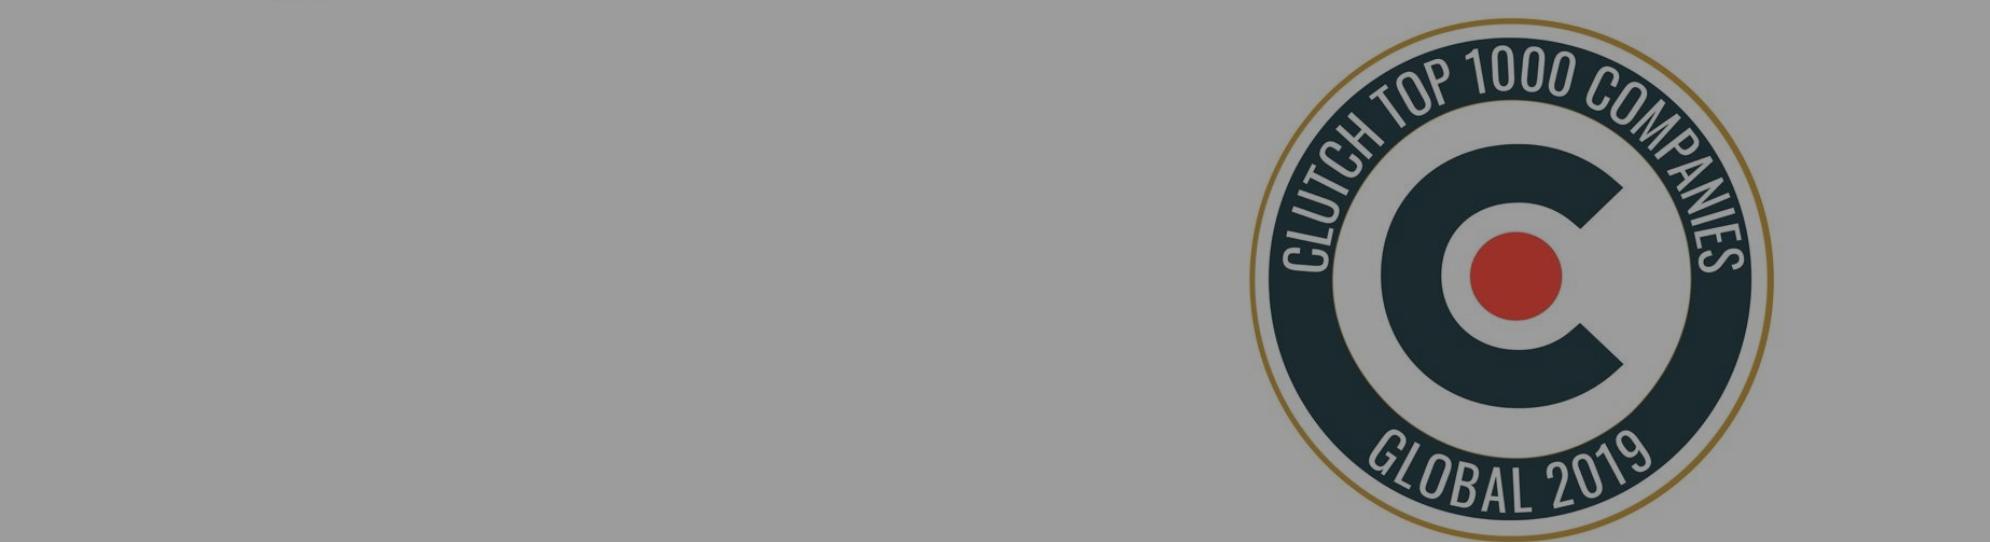 MediaForce Digital Marketing Agency Named on 2019 Clutch 1000 List